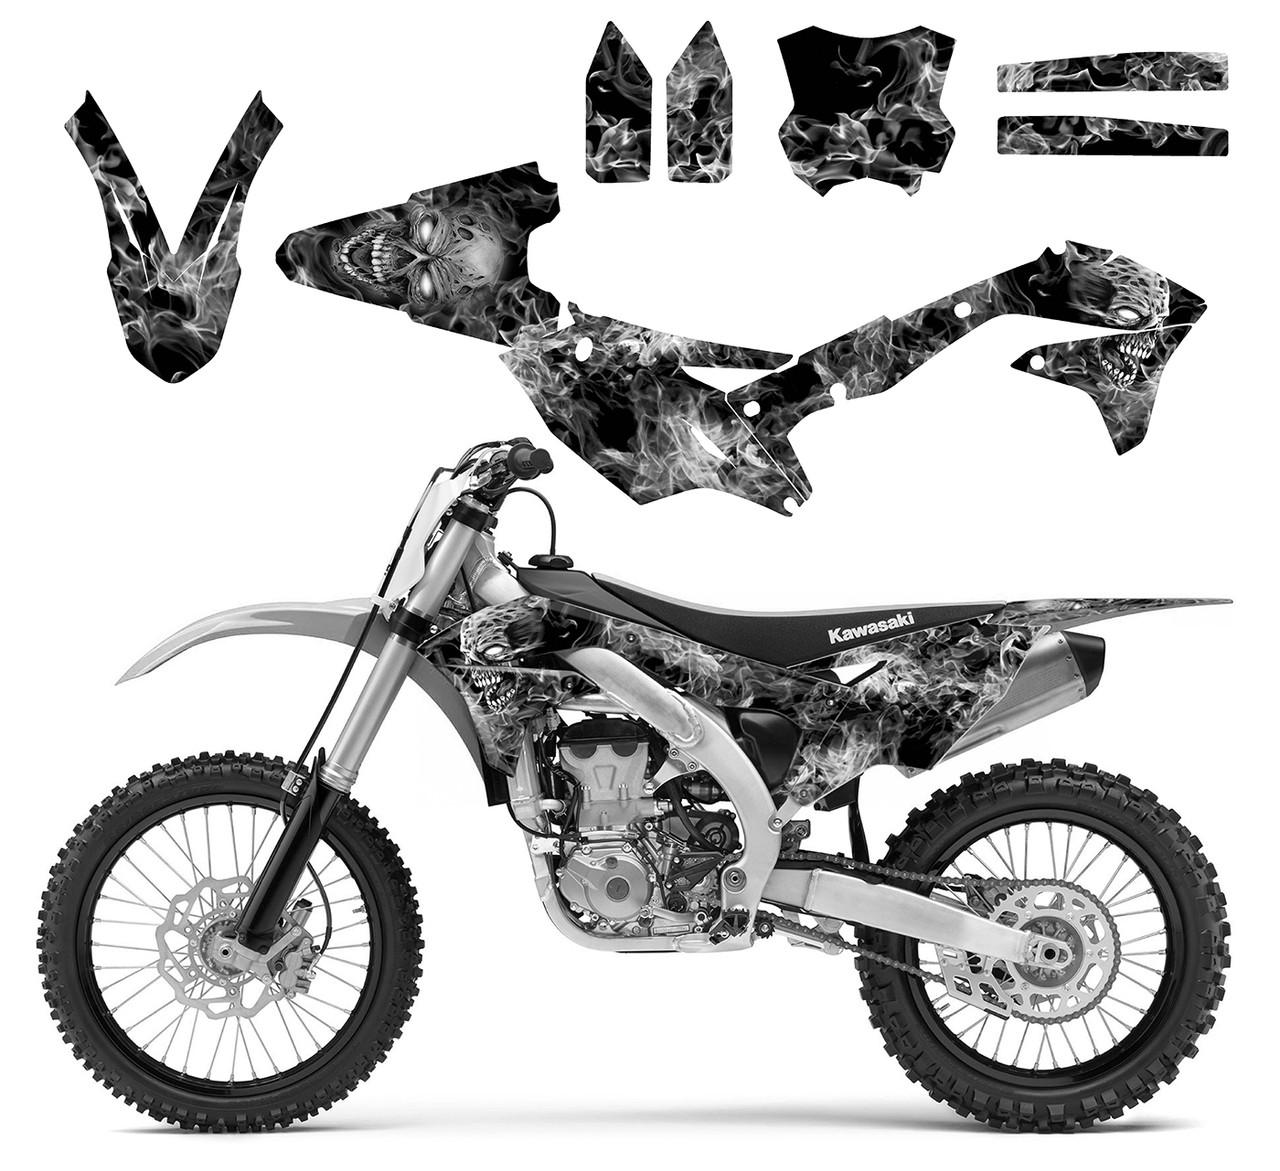 KX 450F 2016 -2018 Design 9500